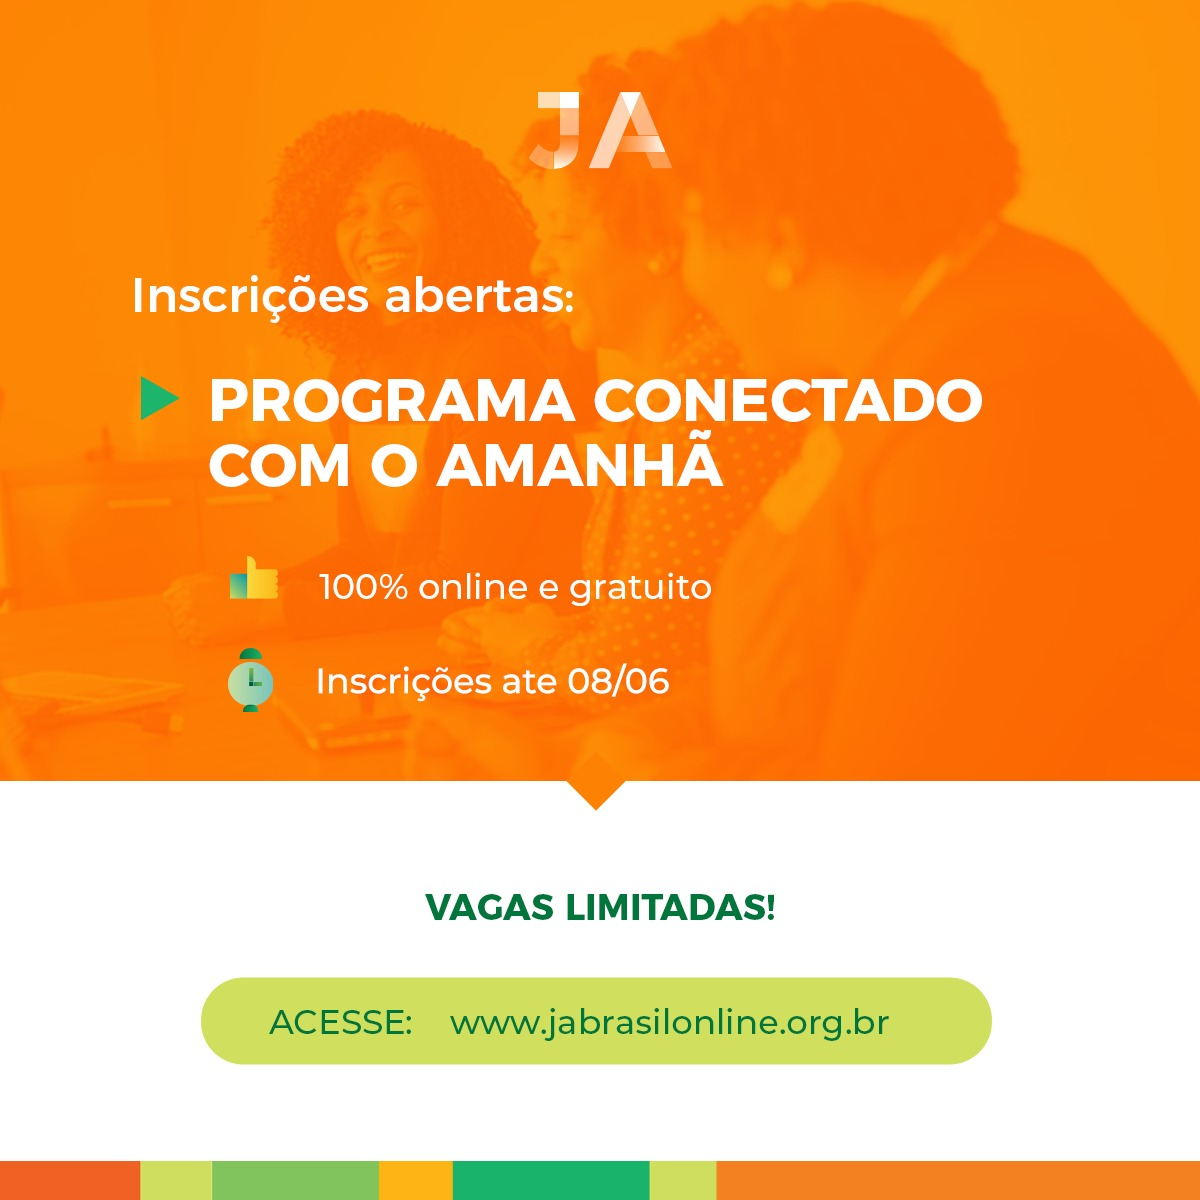 Novo programa online - Conectado com o Amanhã